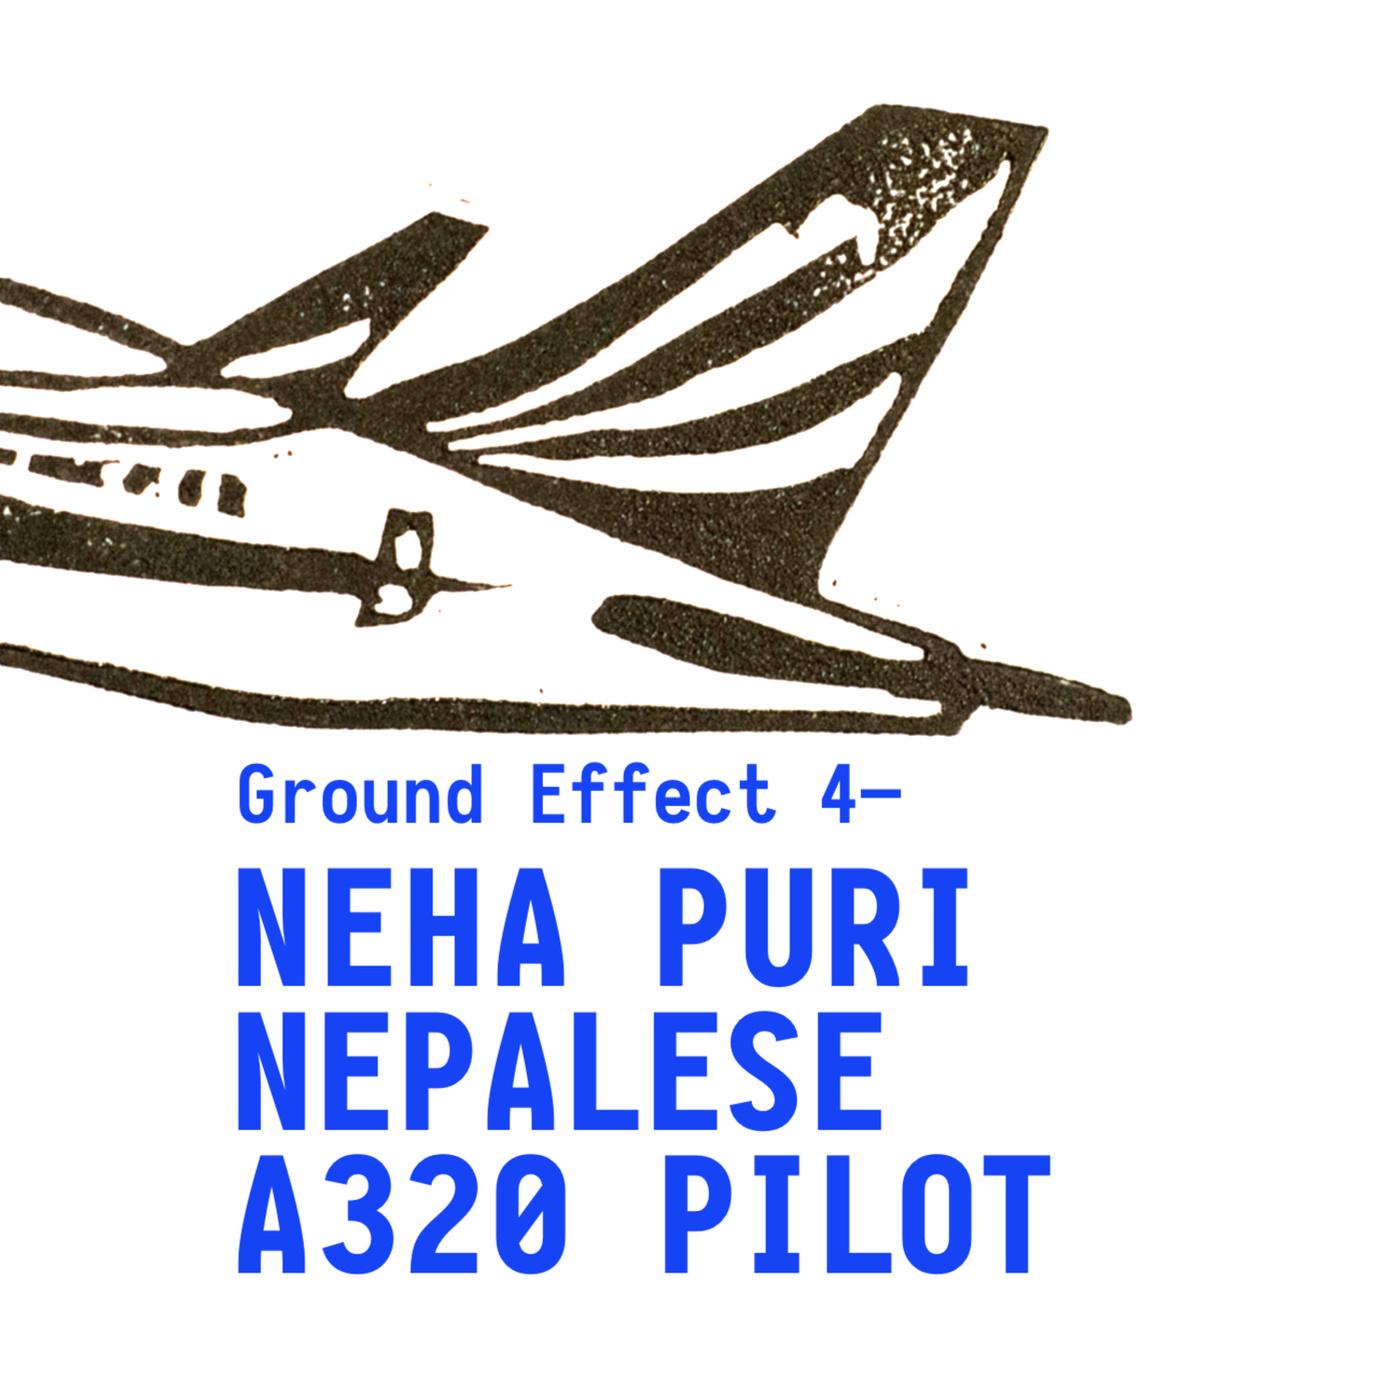 4. Neha Puri, Nepalese A320 pilot